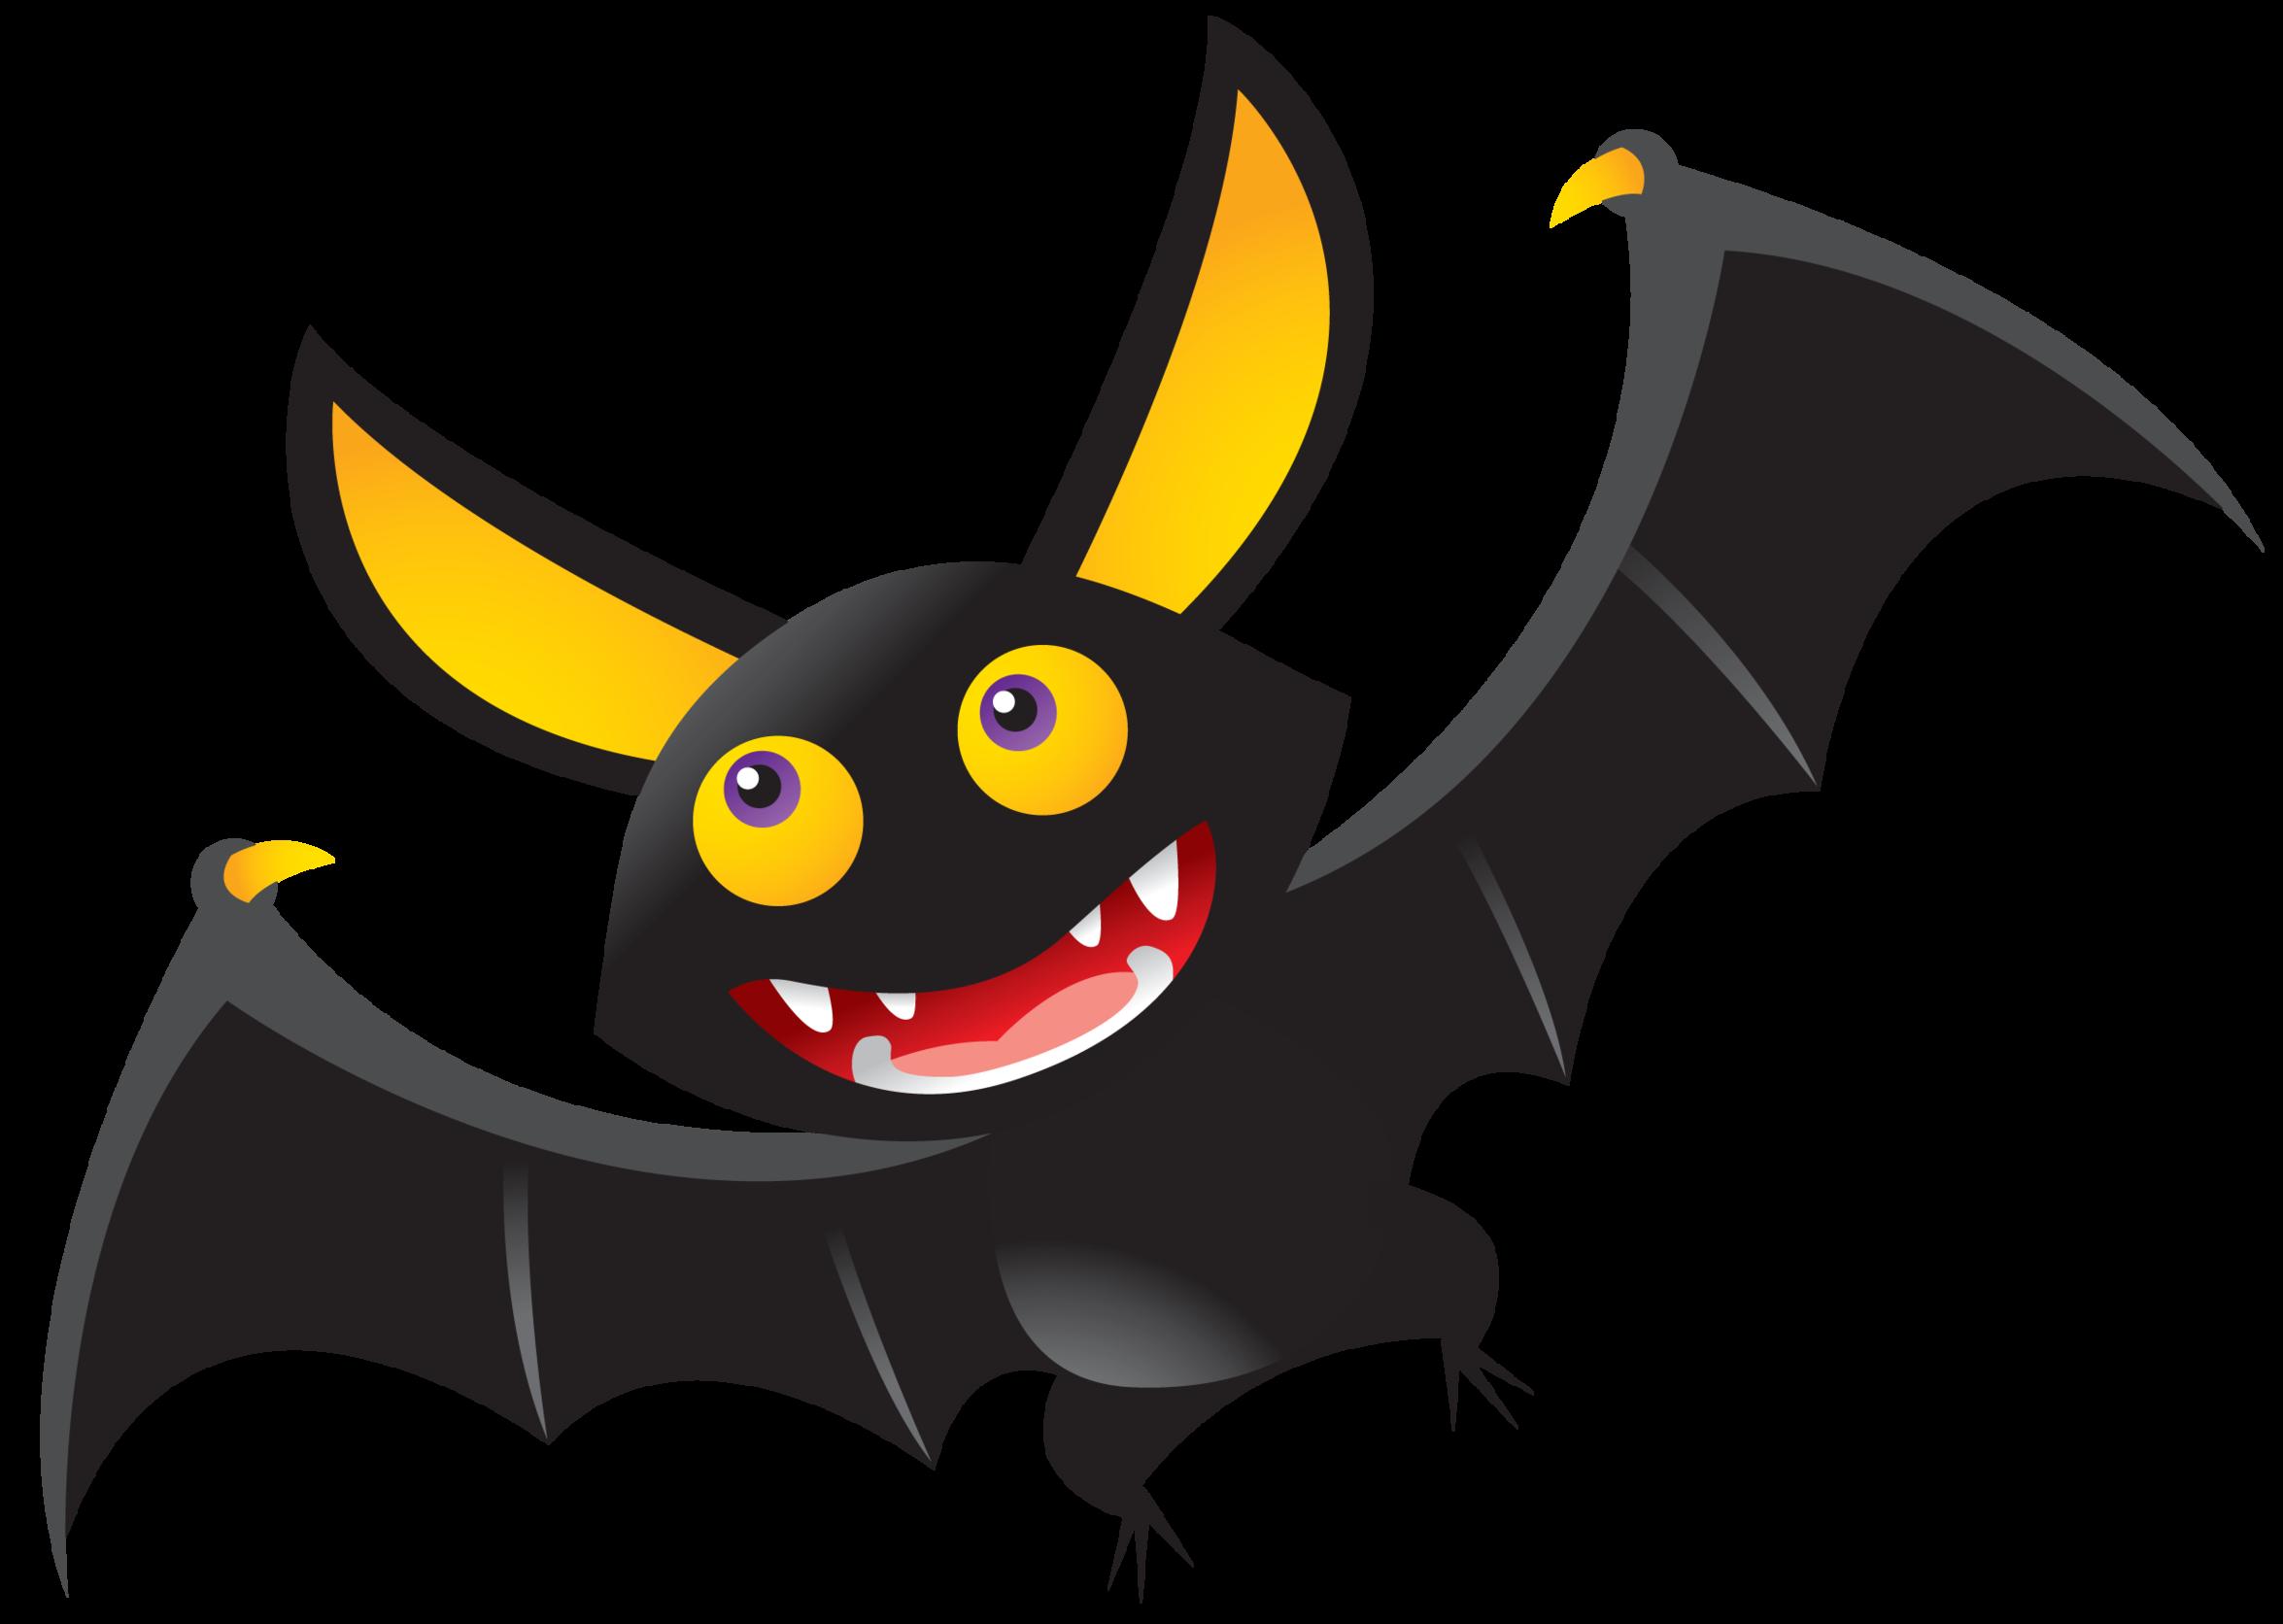 Bats Clipart & Bats Clip Art Images.